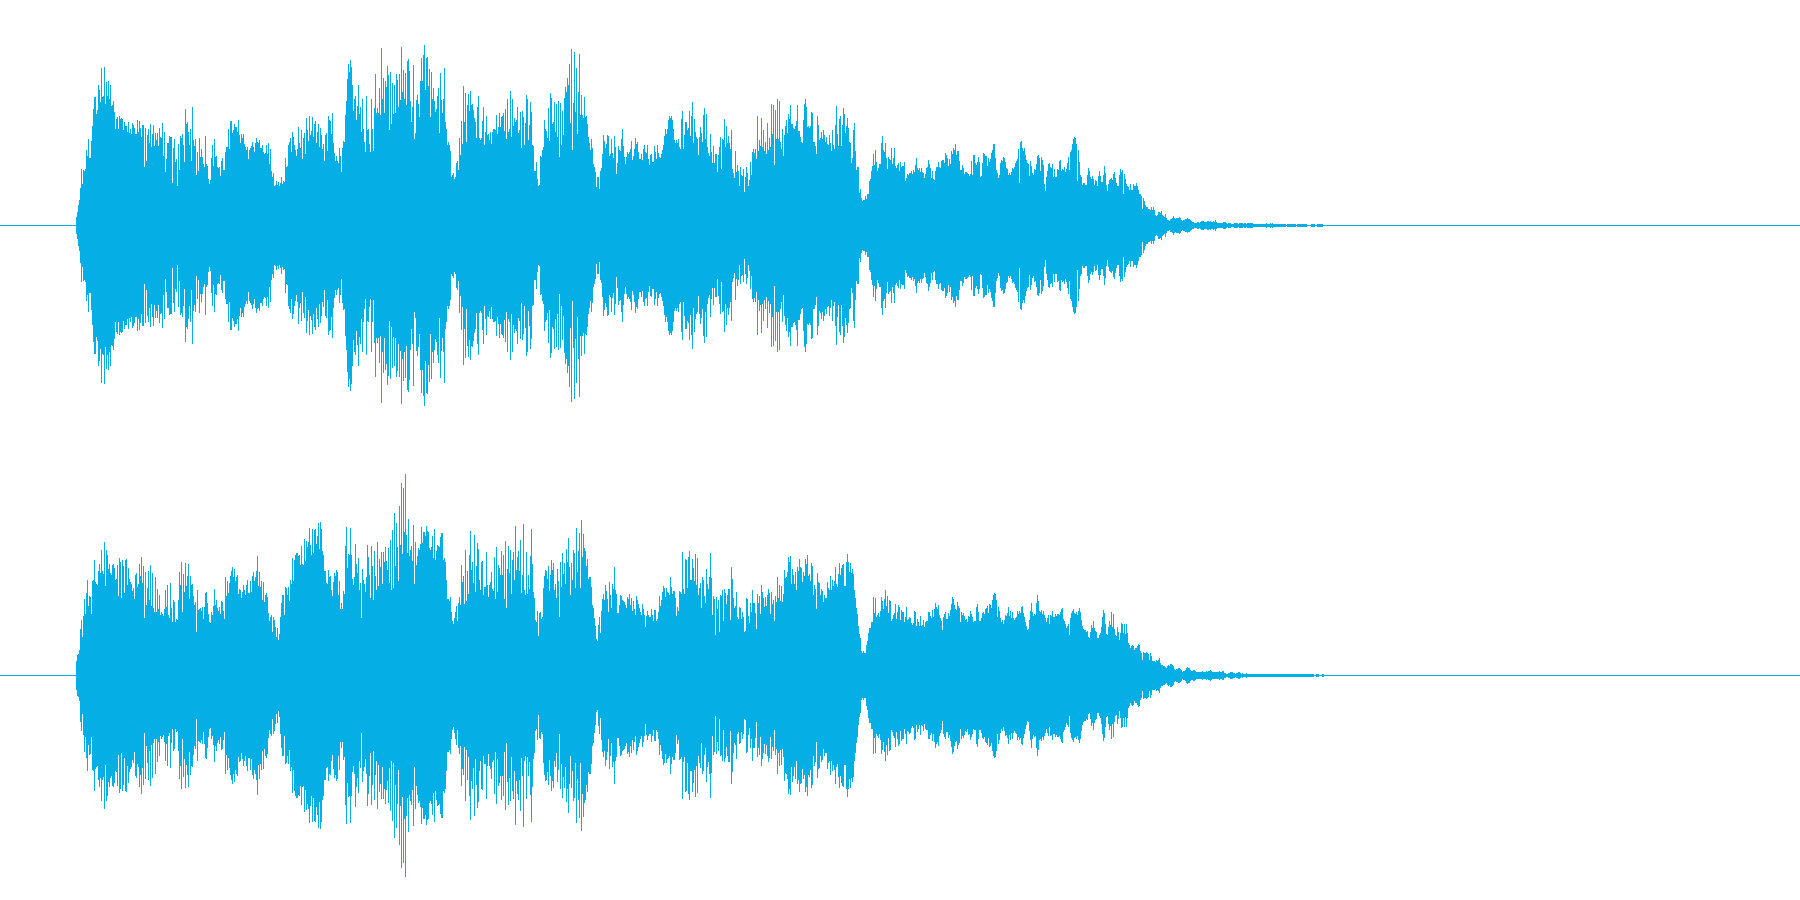 中国風アイキャッチ☆ジングル5の再生済みの波形